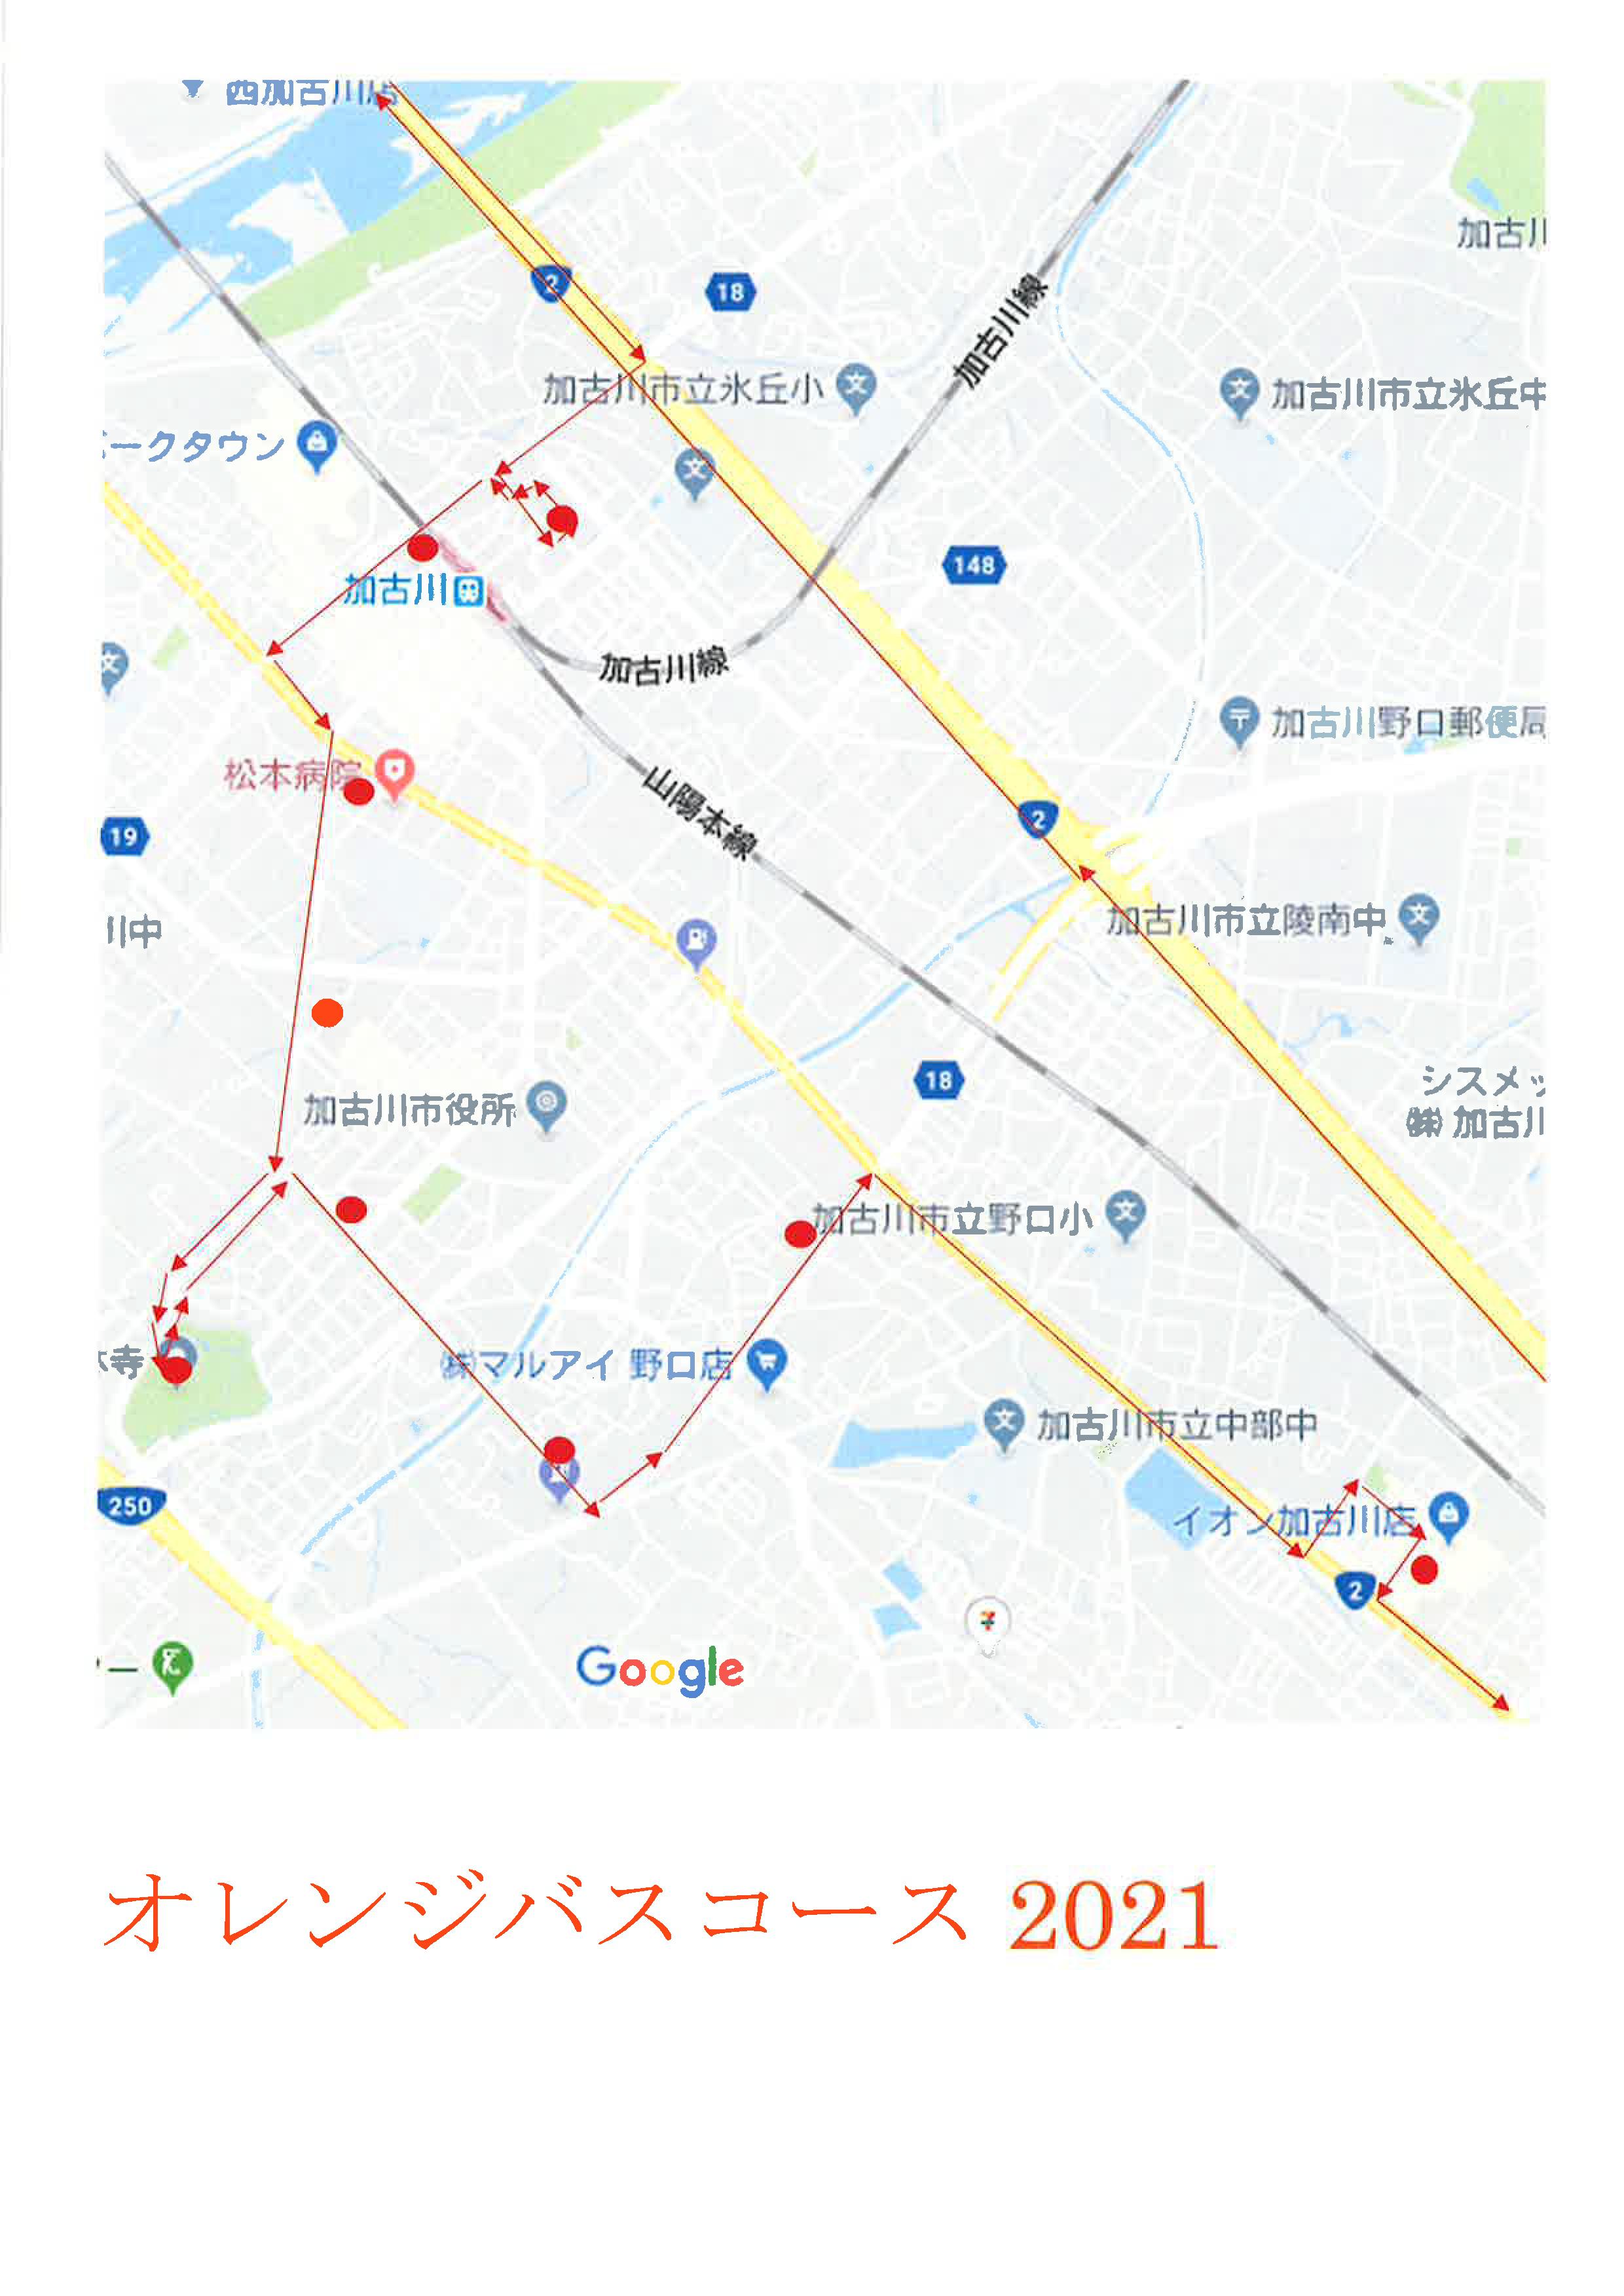 オレンジバス路線図